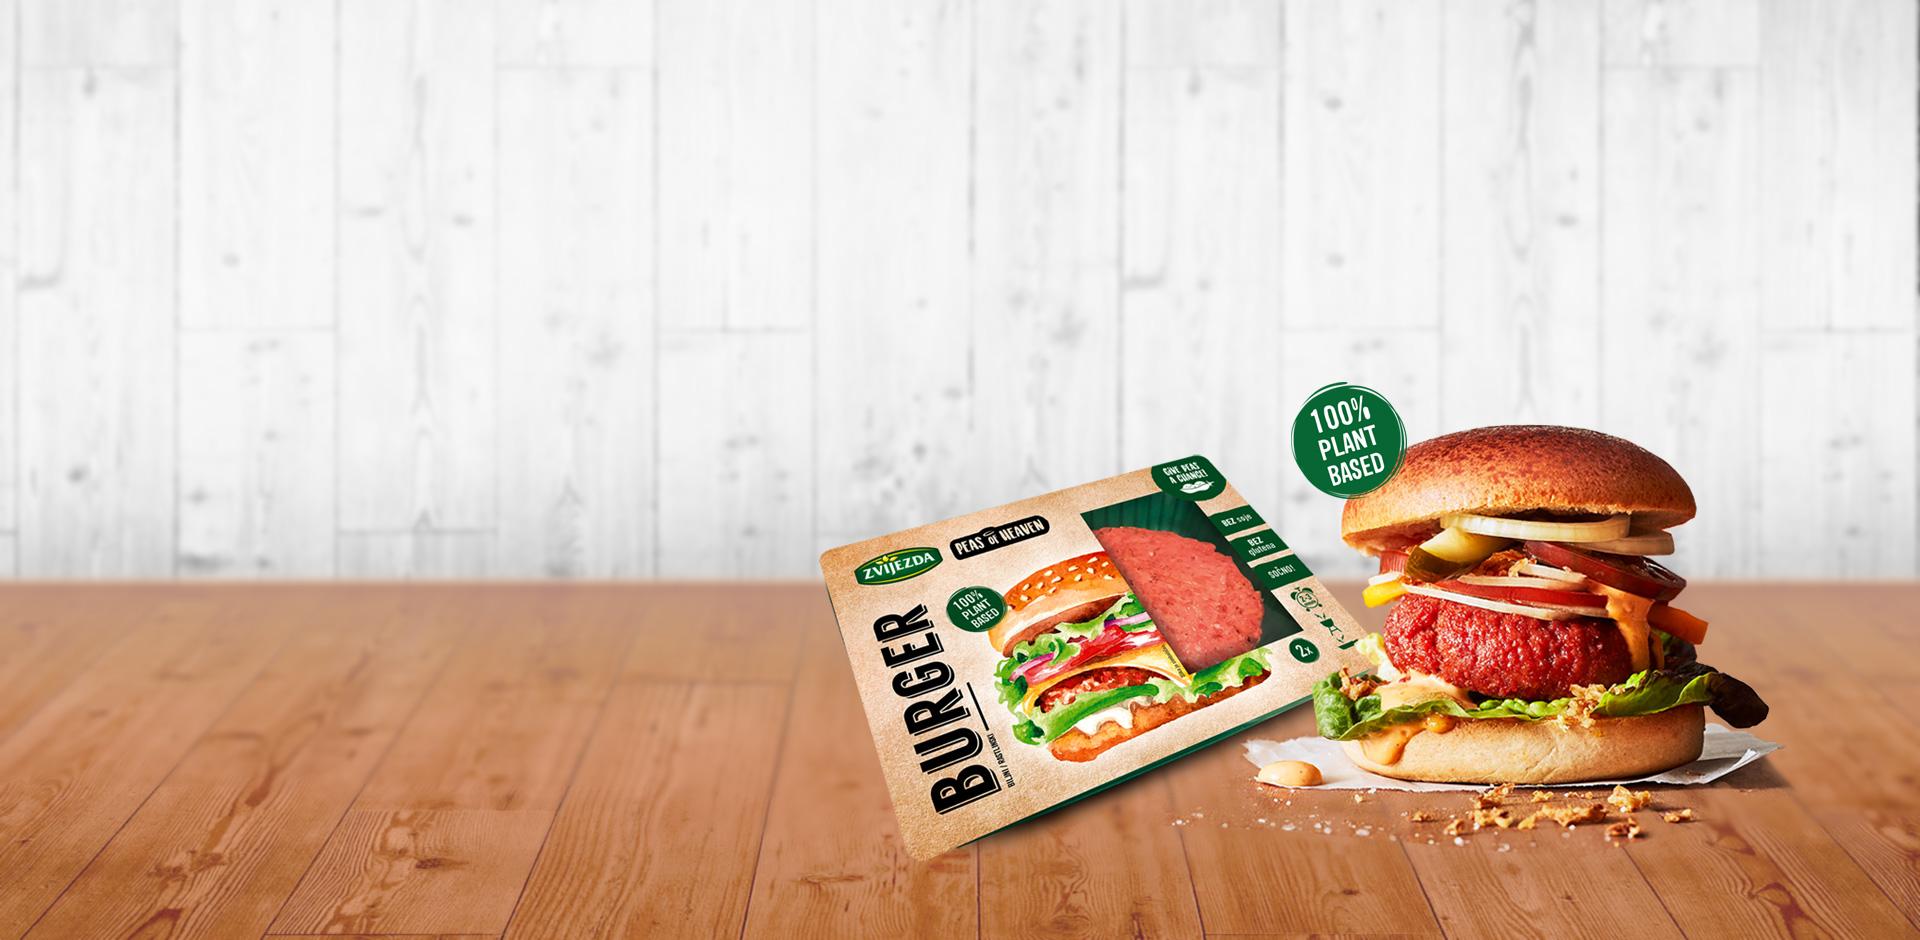 zvijezda-biljni-burger-slider-001